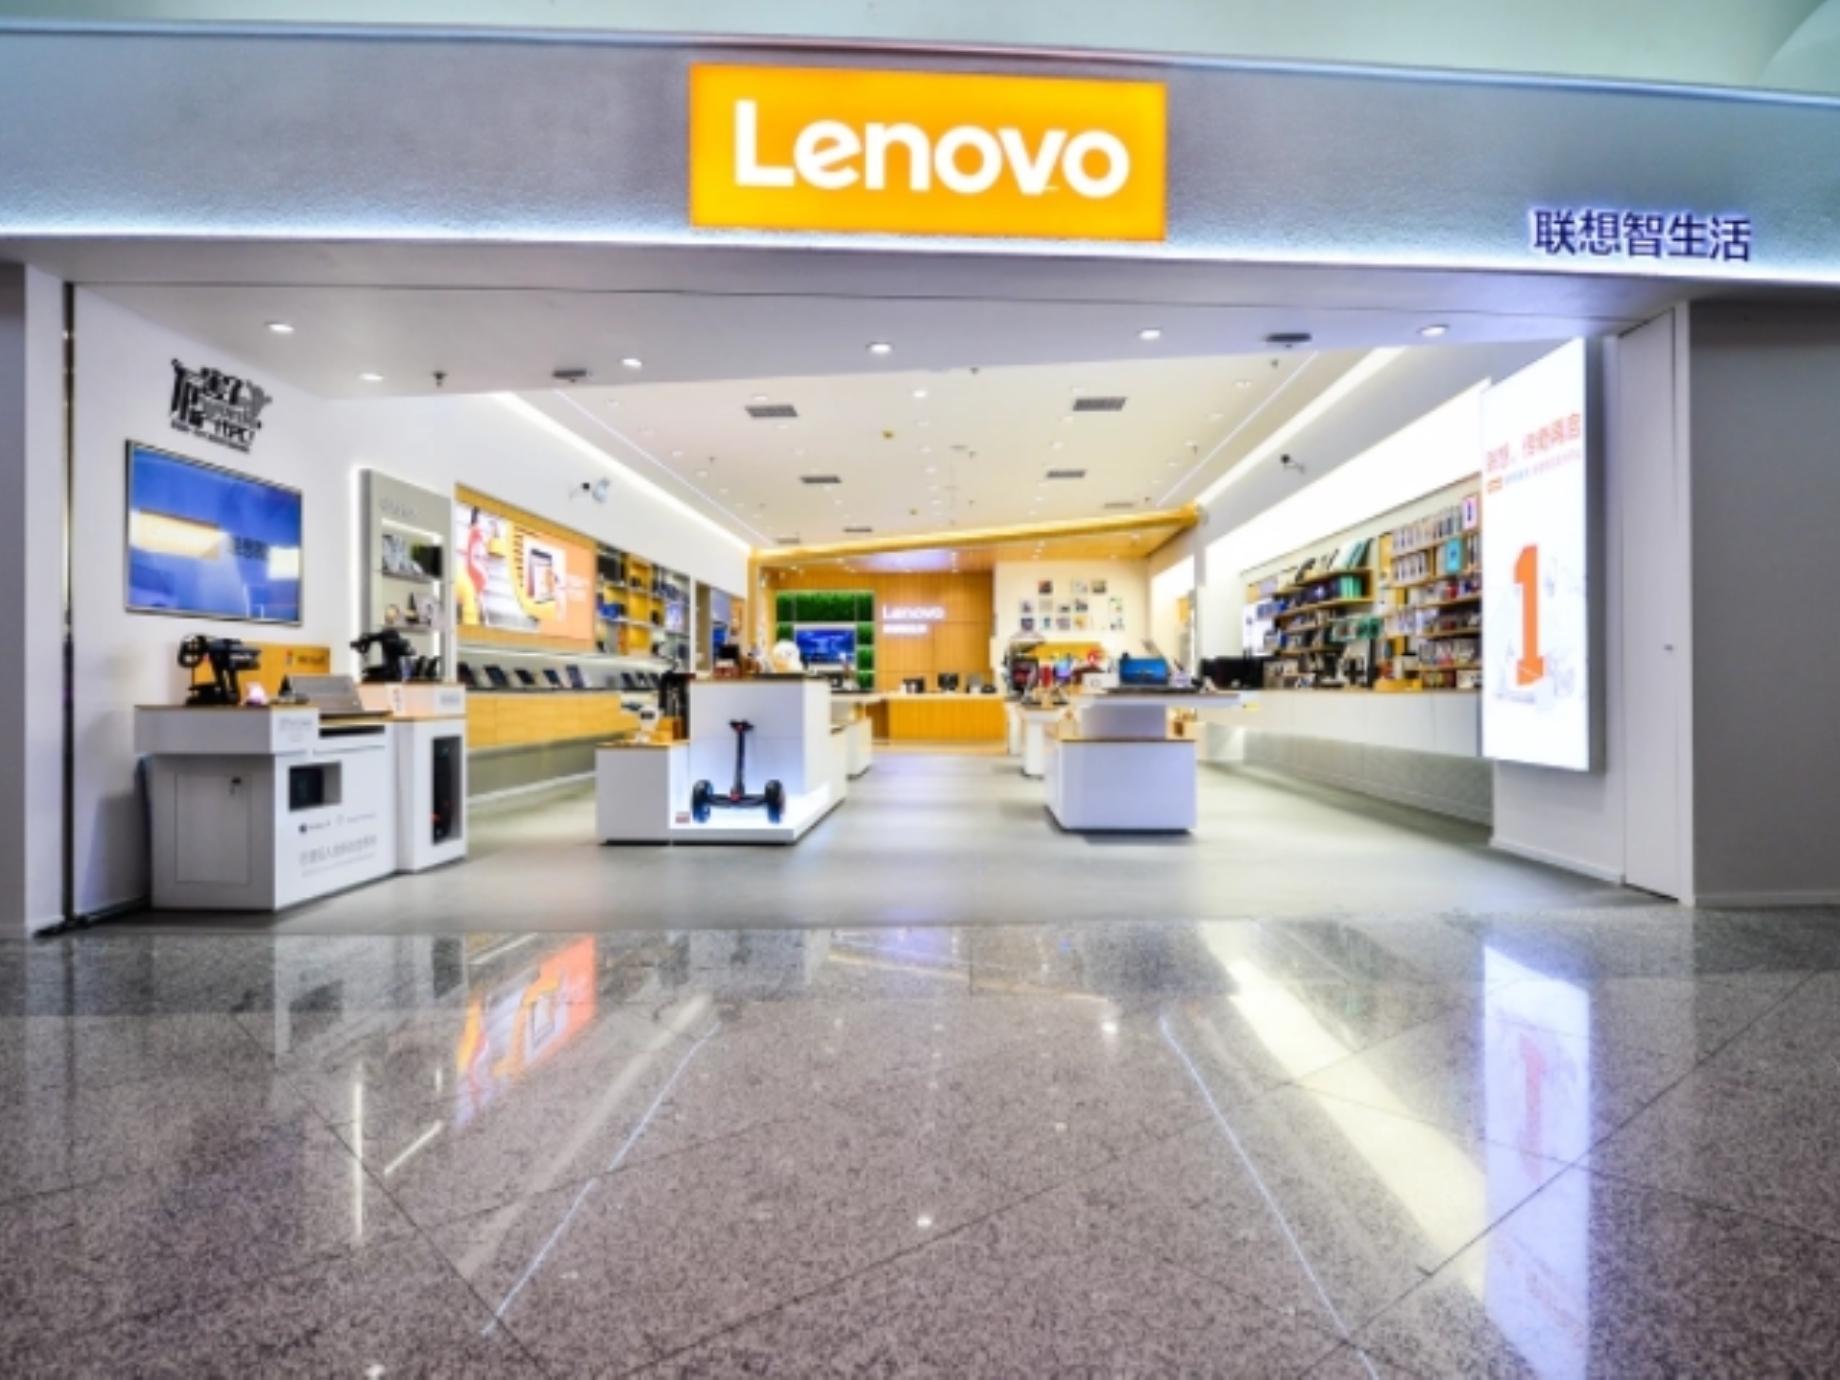 傳統IT產業轉型,聯想開線下直營店做新零售